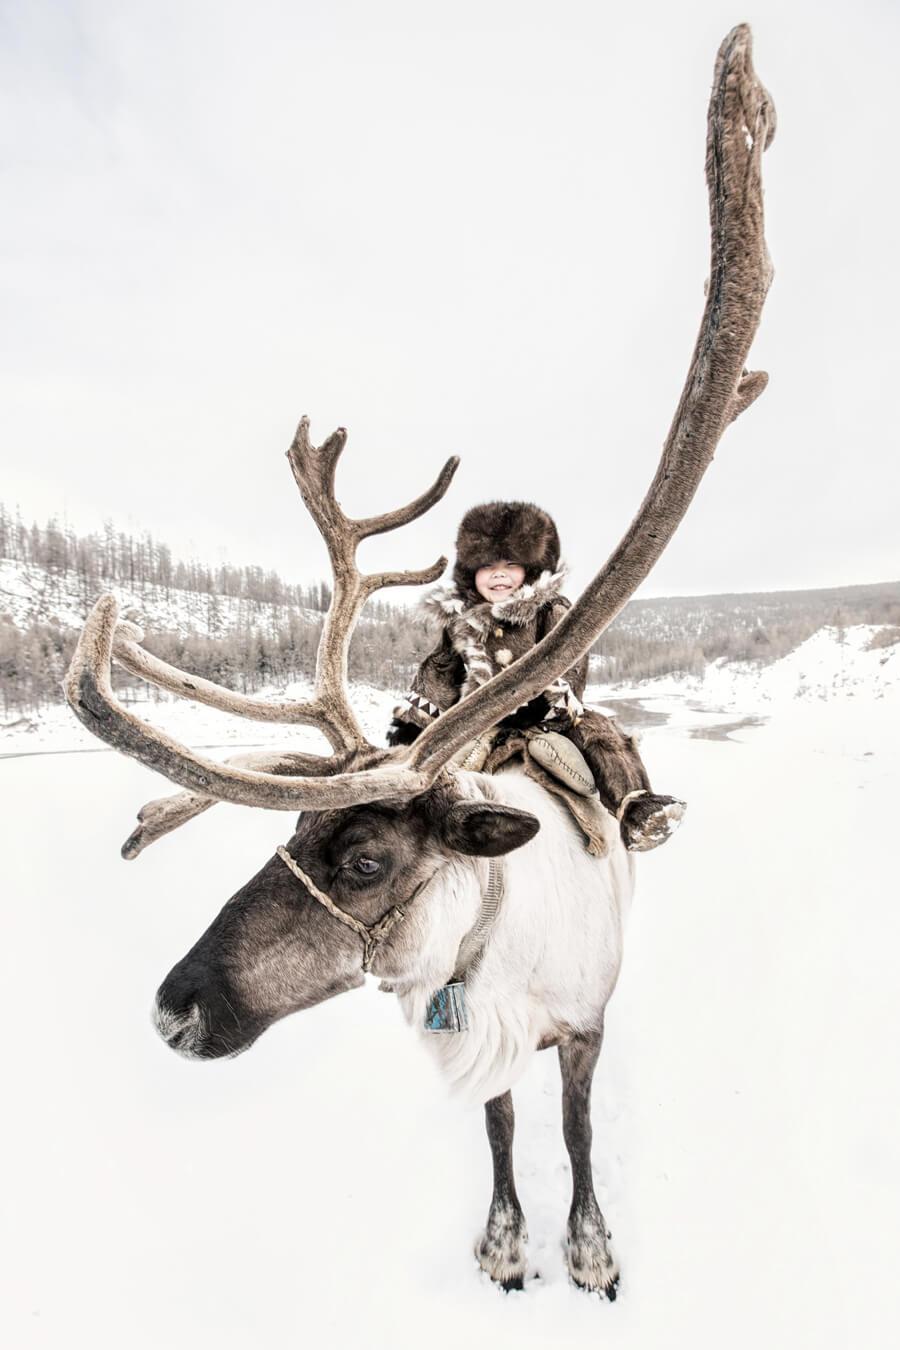 Якутия. Эвенкийский мальчик из семьи оленеводов. © Александр Химушин / The World In Faces